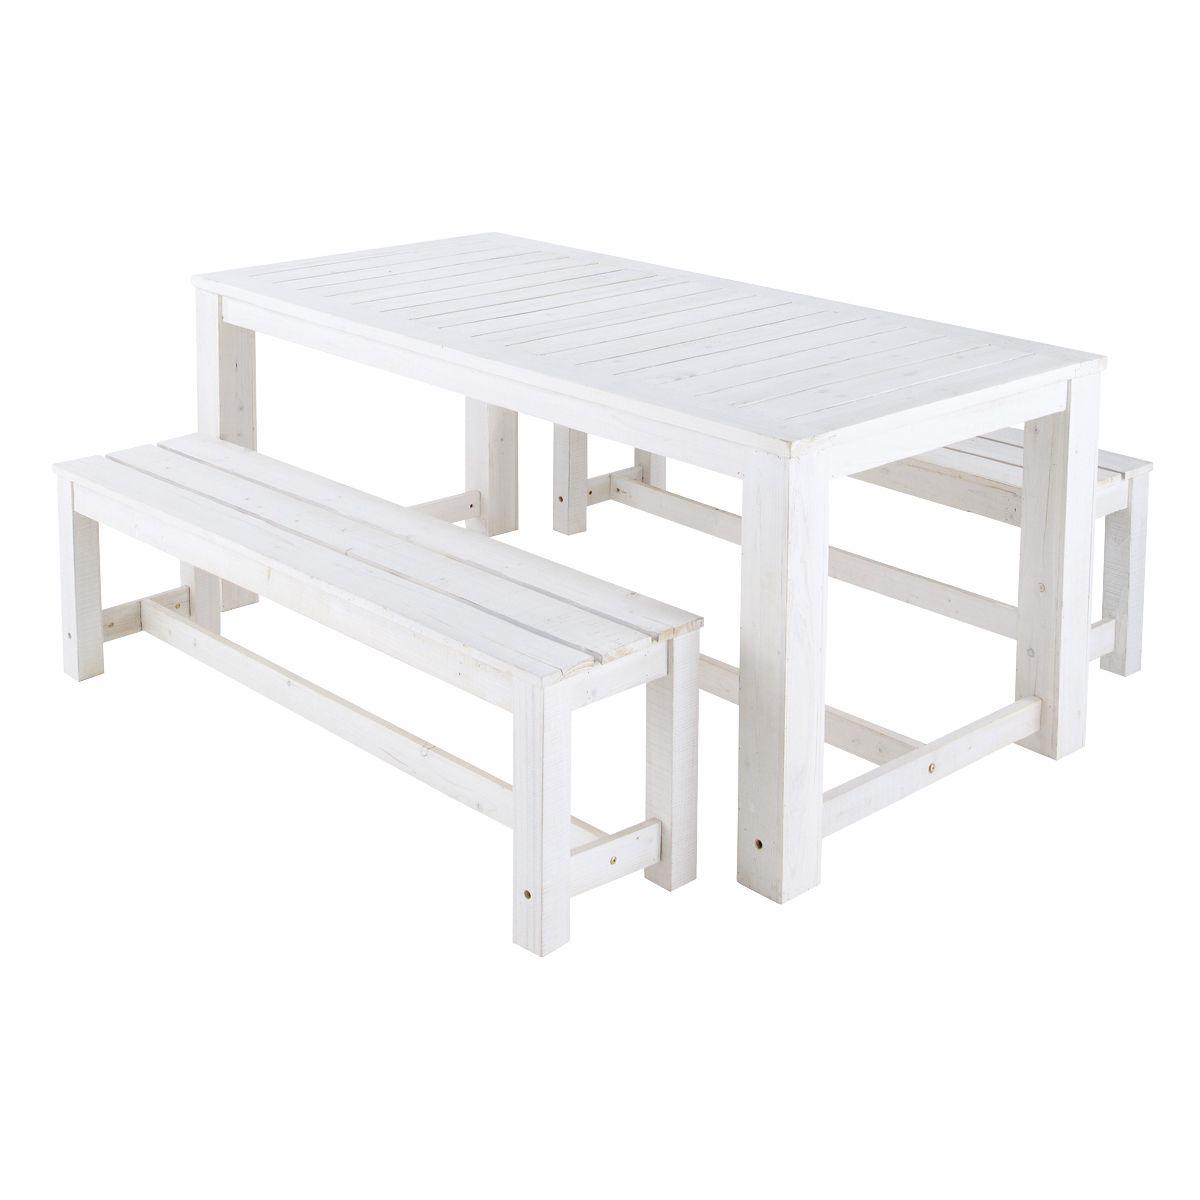 Tavolo In Rattan Bianco.Tavolo Bianco 2 Panche Da Giardino In Legno L 180 Cm Wooden